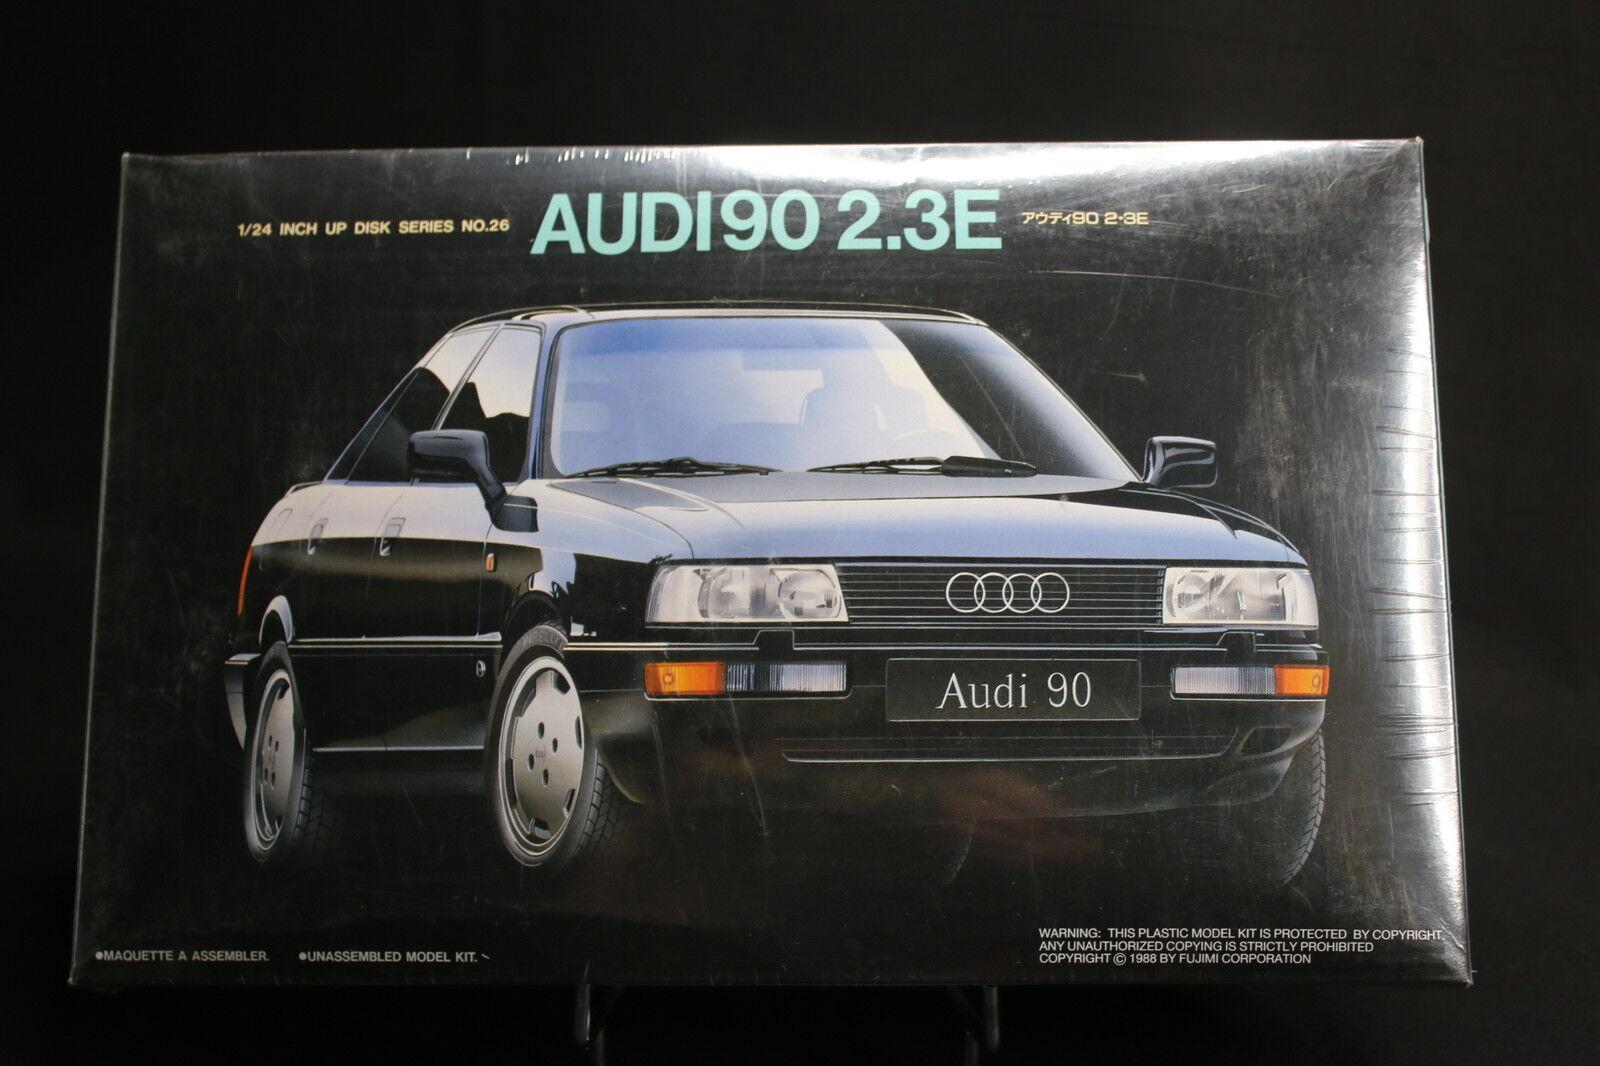 XA009 FUJIMI 1 24 maquette voiture 03201 - ID26 800 26 Audi 90 2.3E